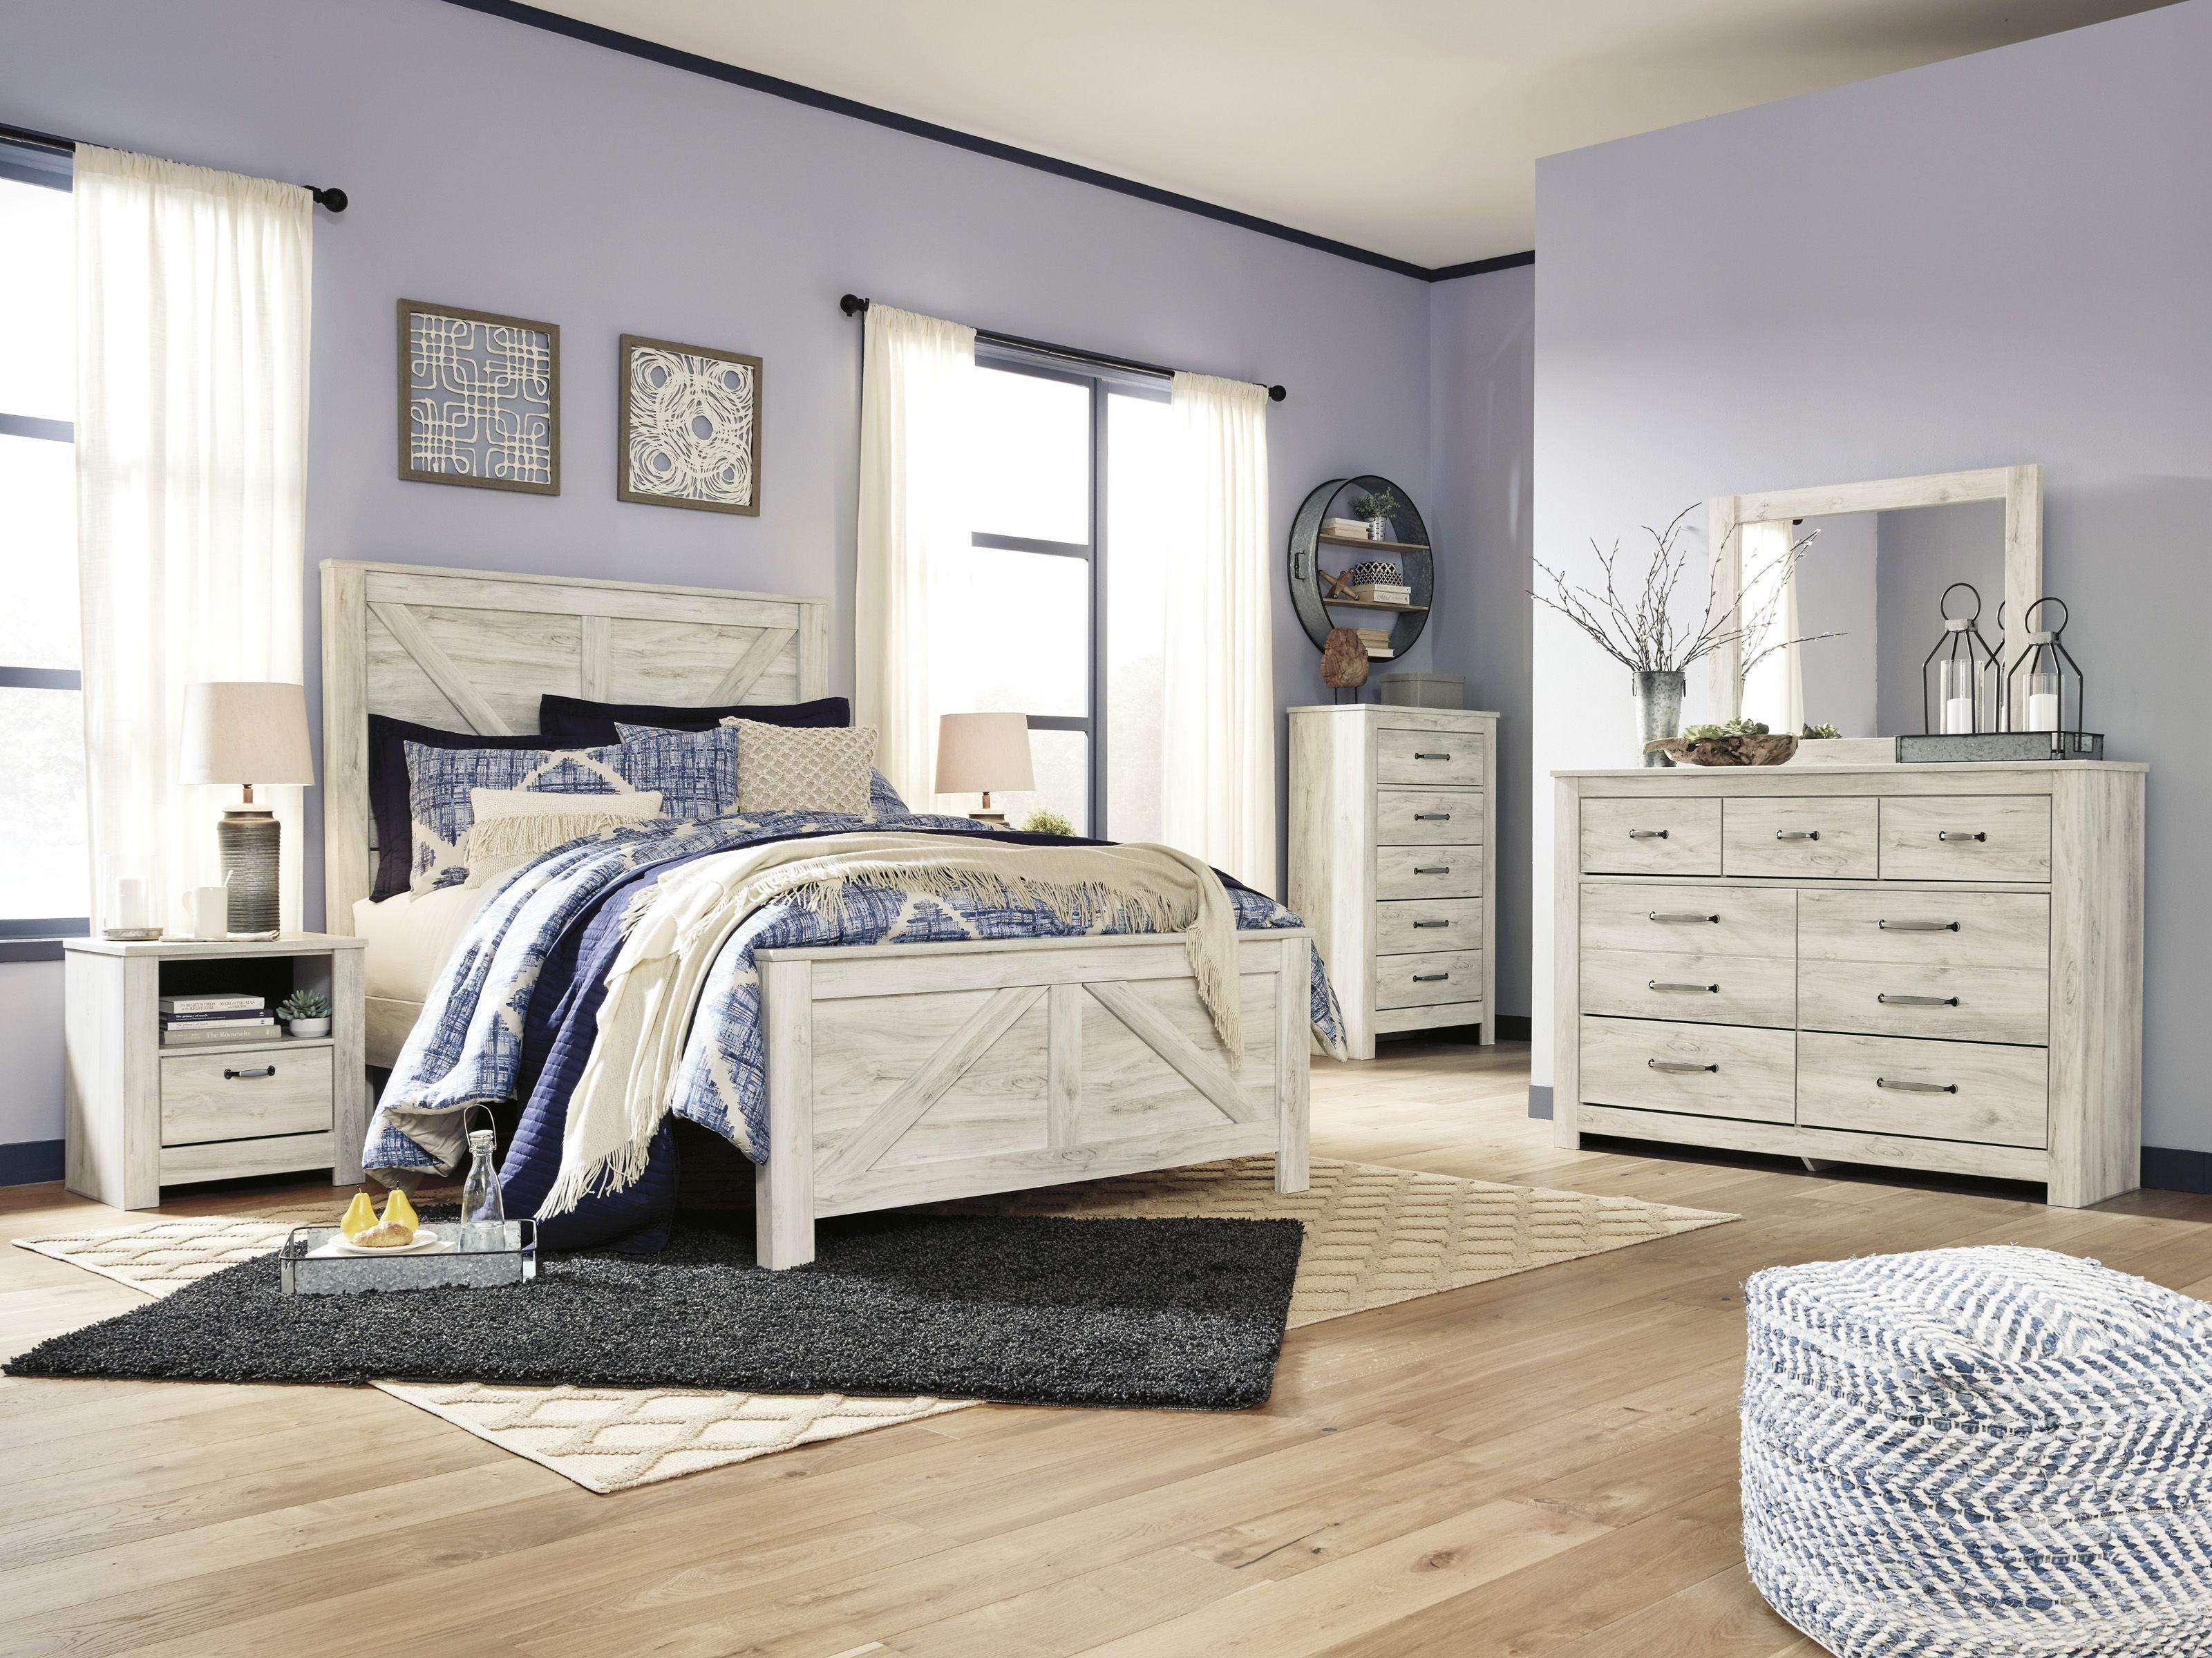 Bedroom Set ashley Furniture Unique Bellaby Whitewash Panel Bedroom Set